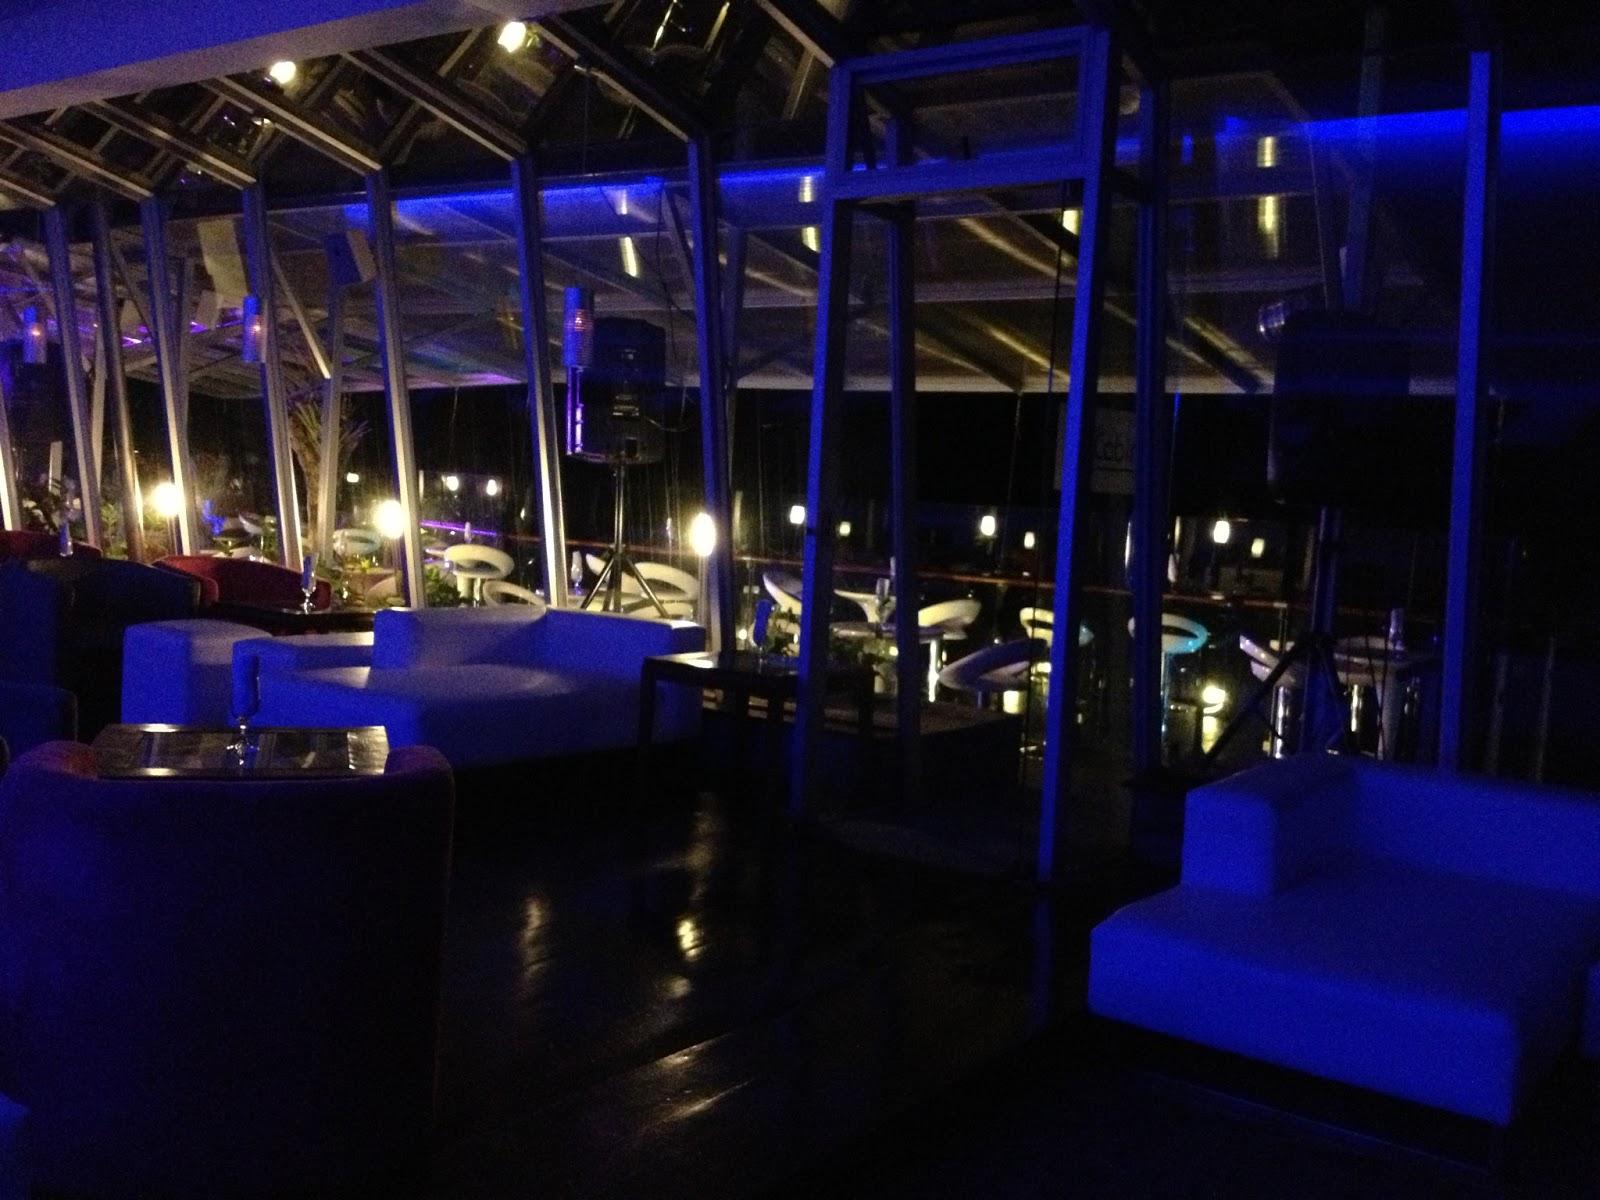 La Cabina Bar : Fotografía de blanco en blanco surge de la exposición o evento la